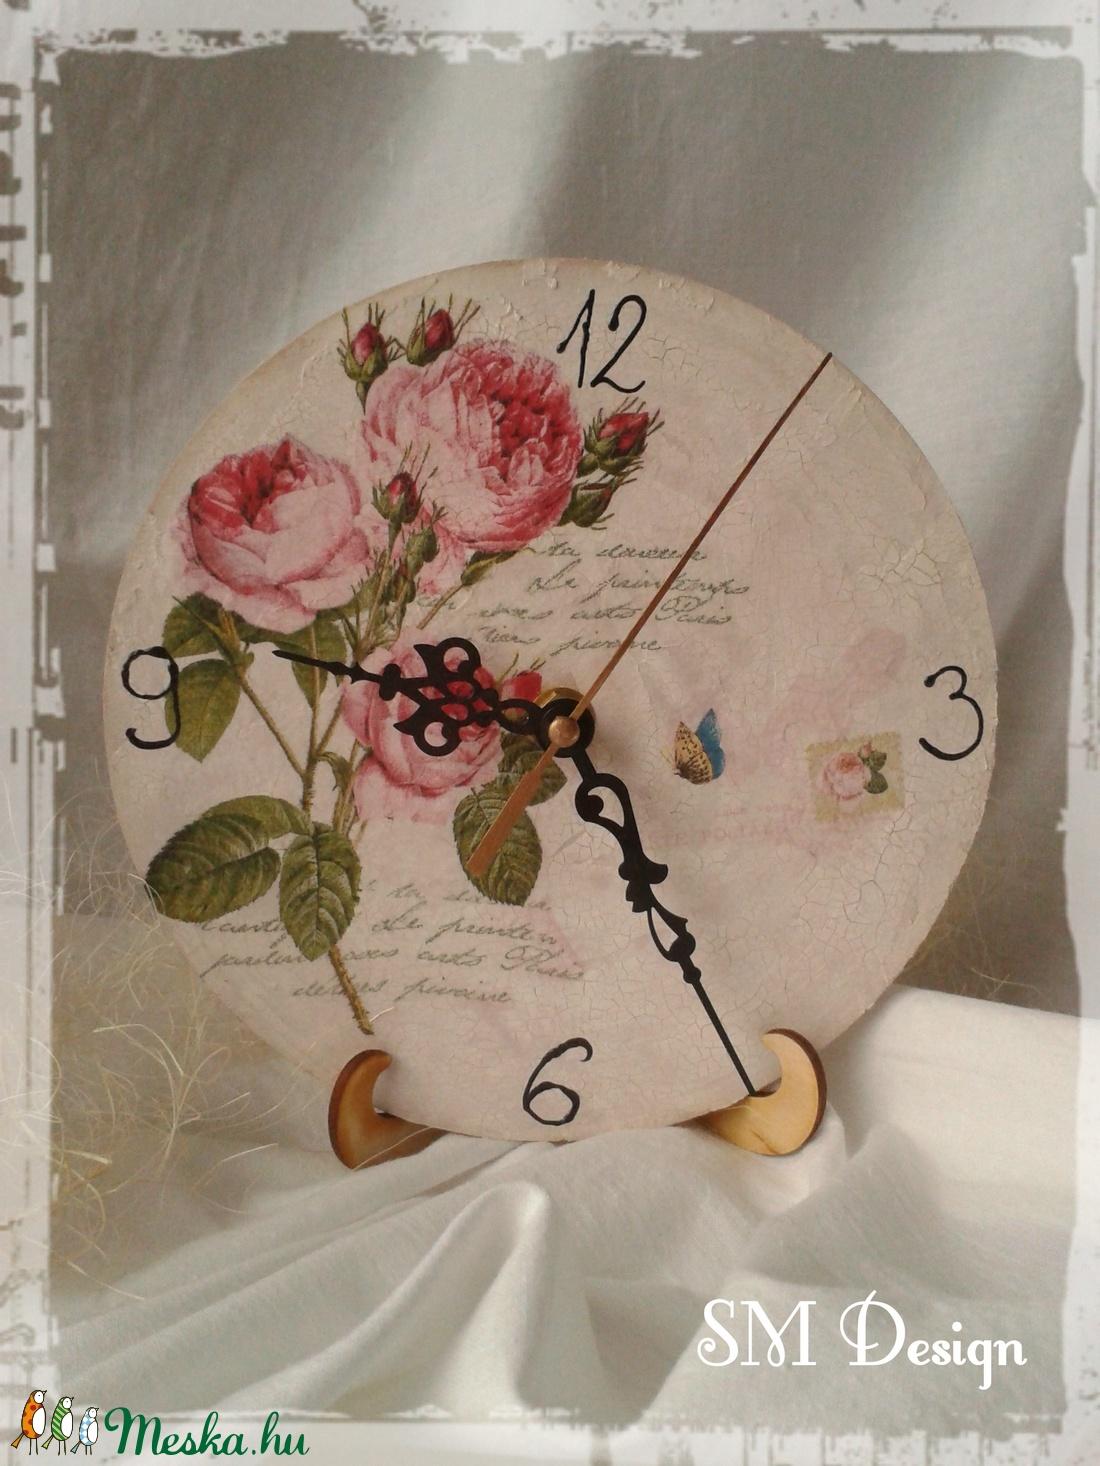 Rózsás óra (Steigusz) - Meska.hu